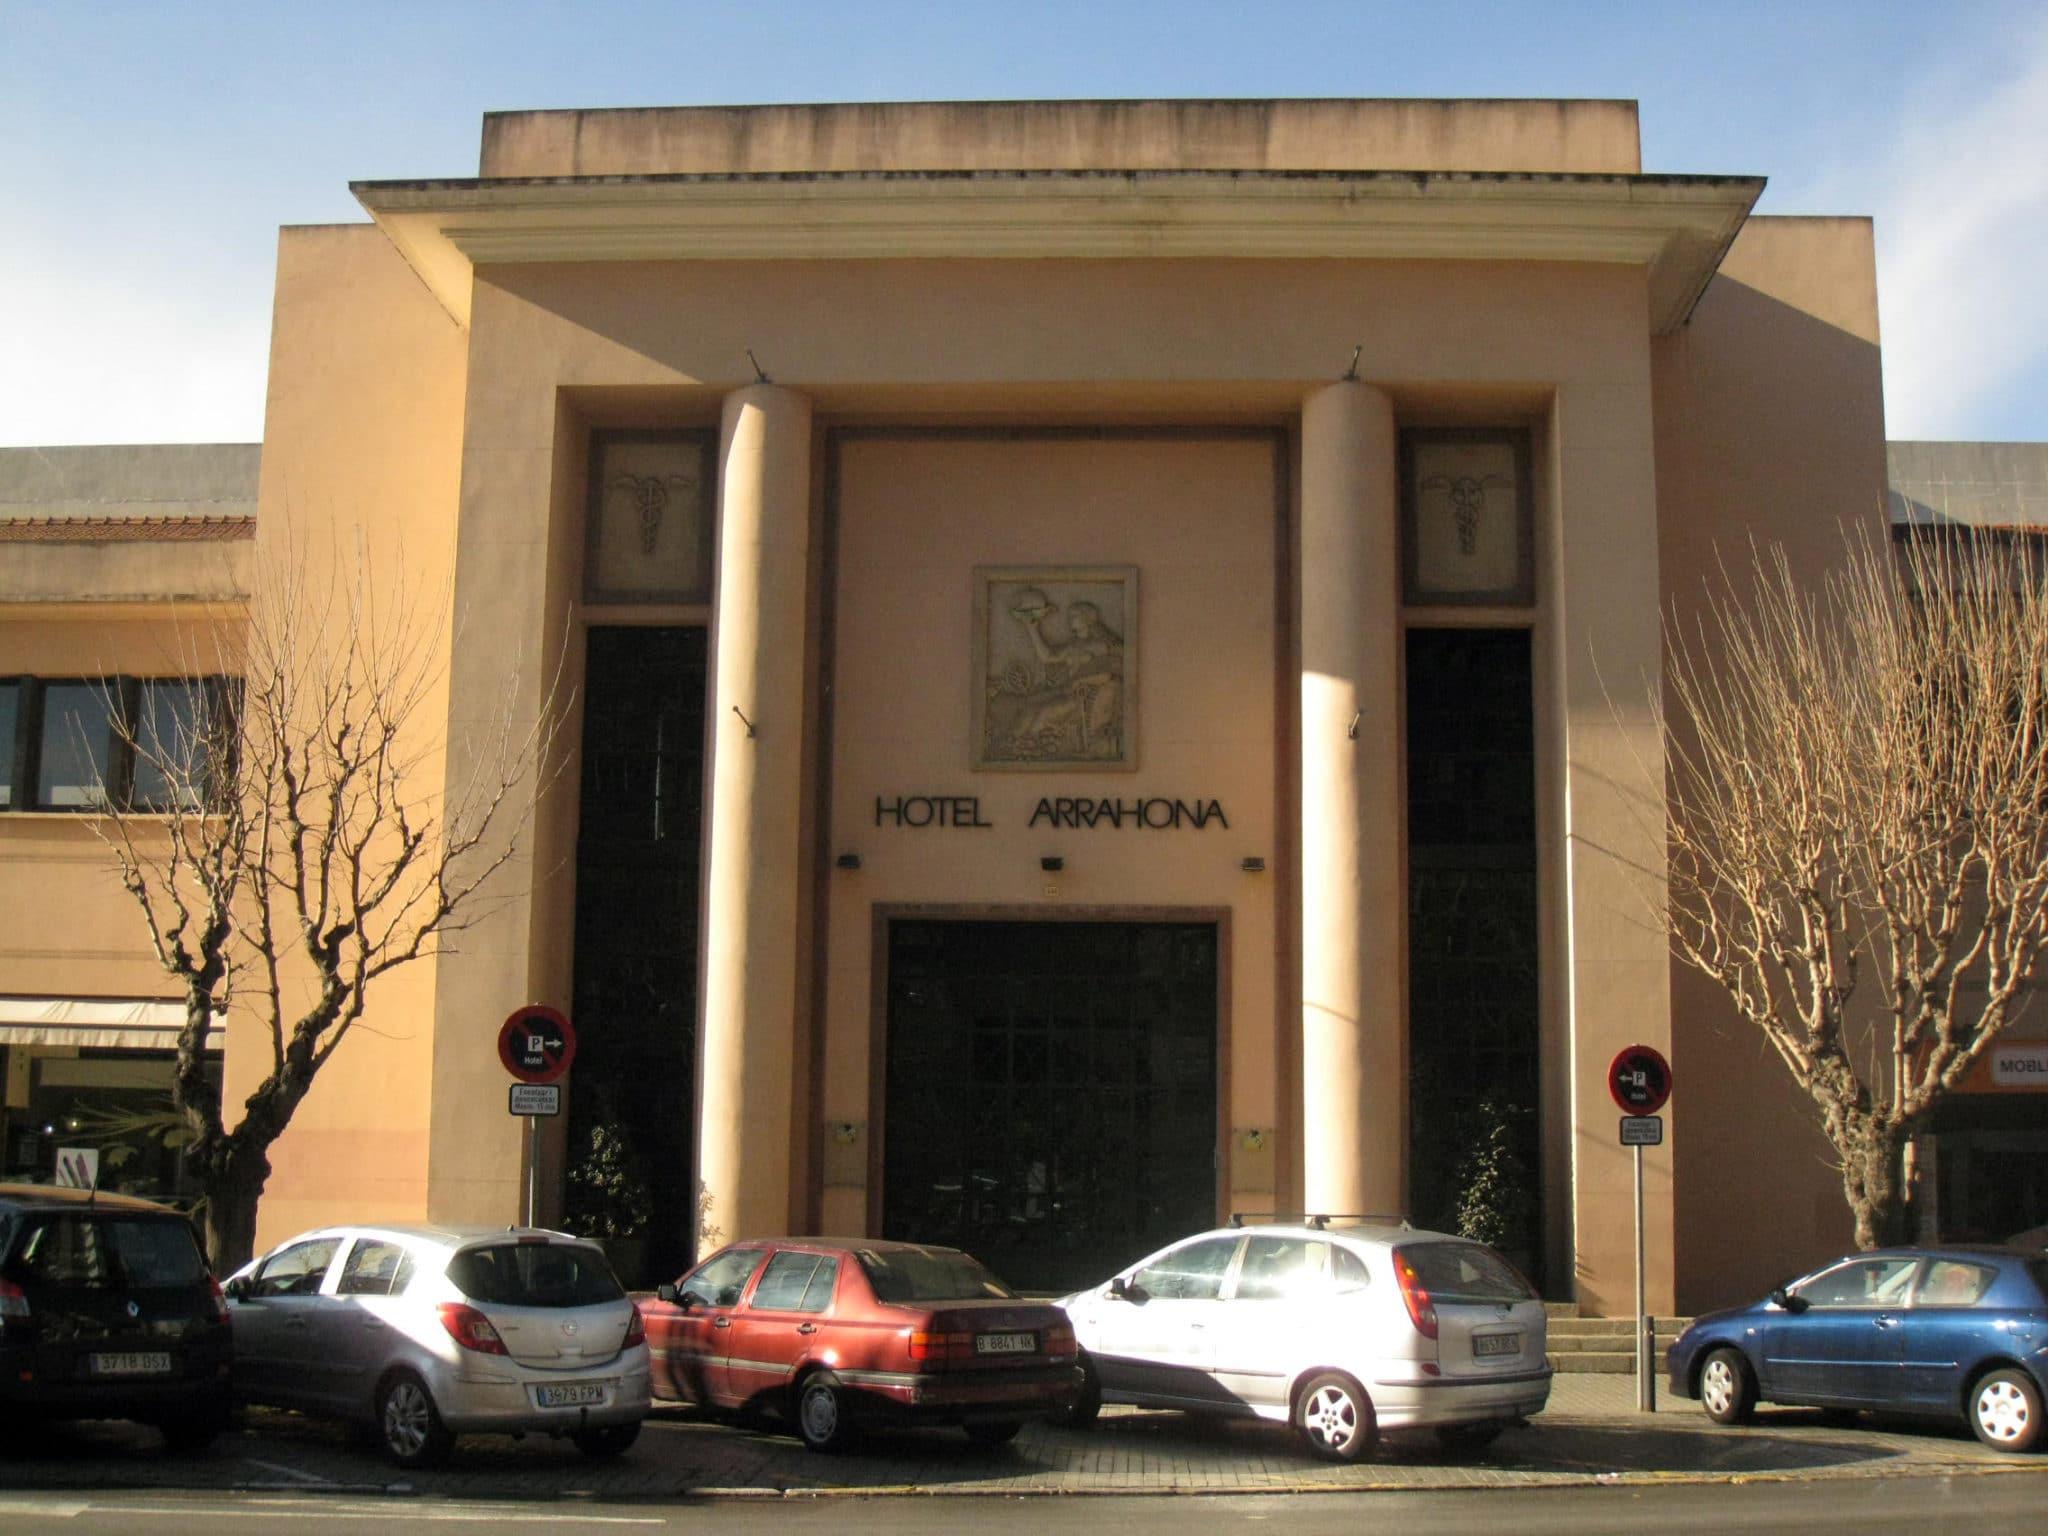 Hotel_Arrahona(Sabadell)